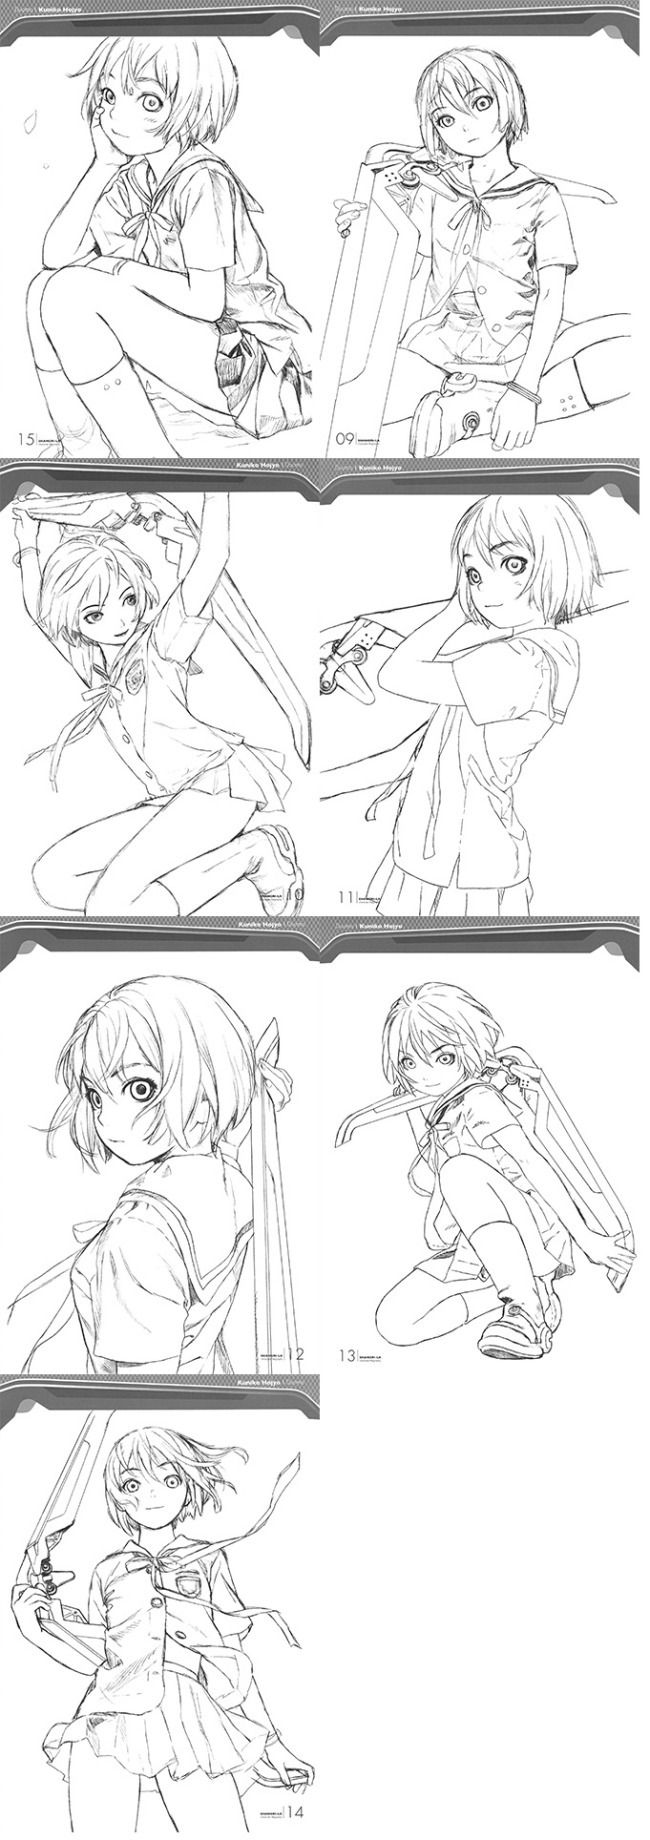 Artist : Range Murata